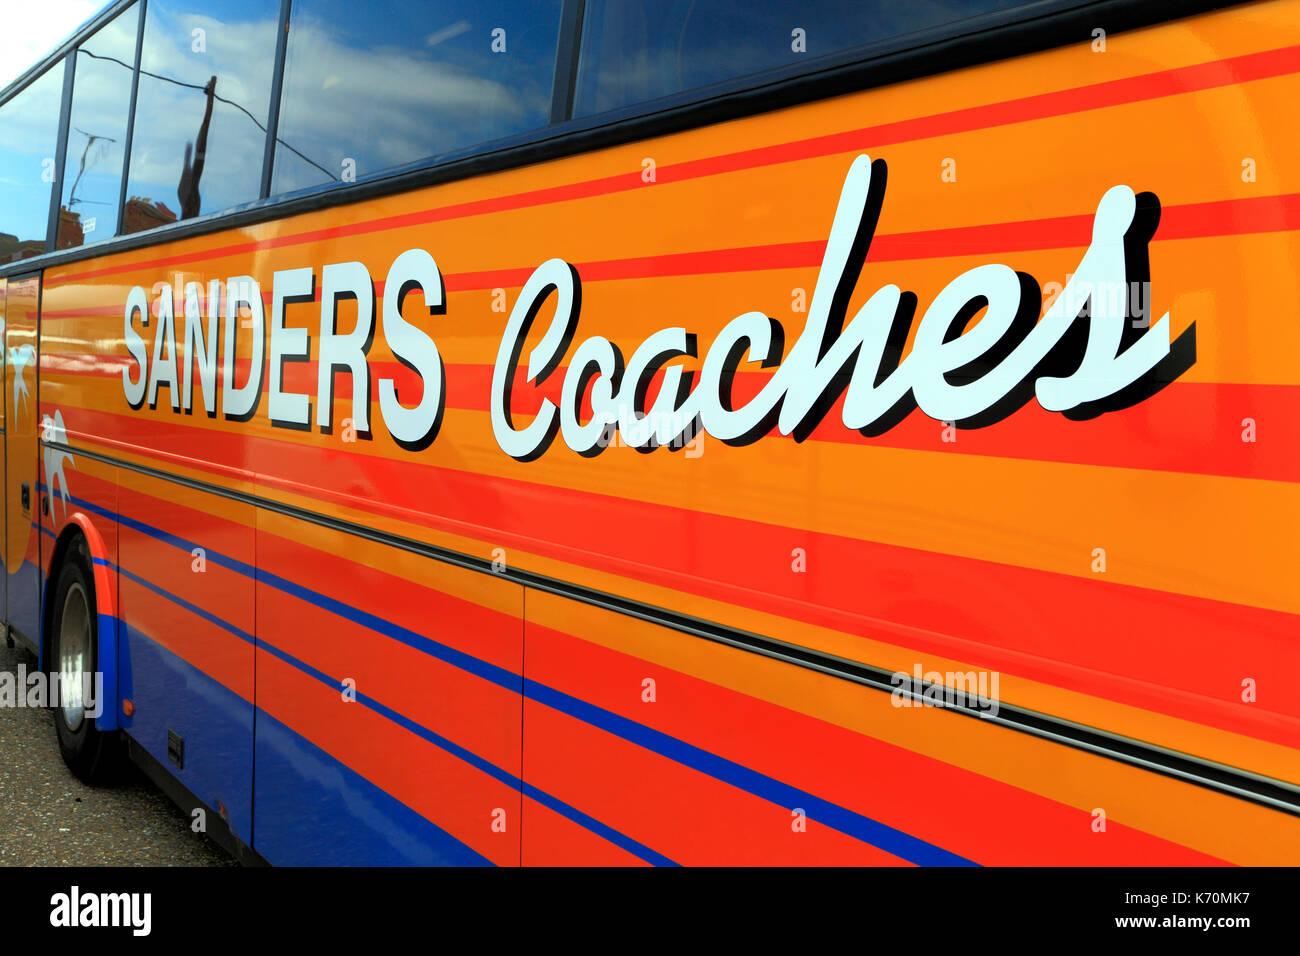 Sanders Coaches, Trainer, Tagesausflüge, Reise, Ausflug, Ausflüge, Ferien, Urlaub, Reisen, Verkehr, England, Großbritannien Stockbild